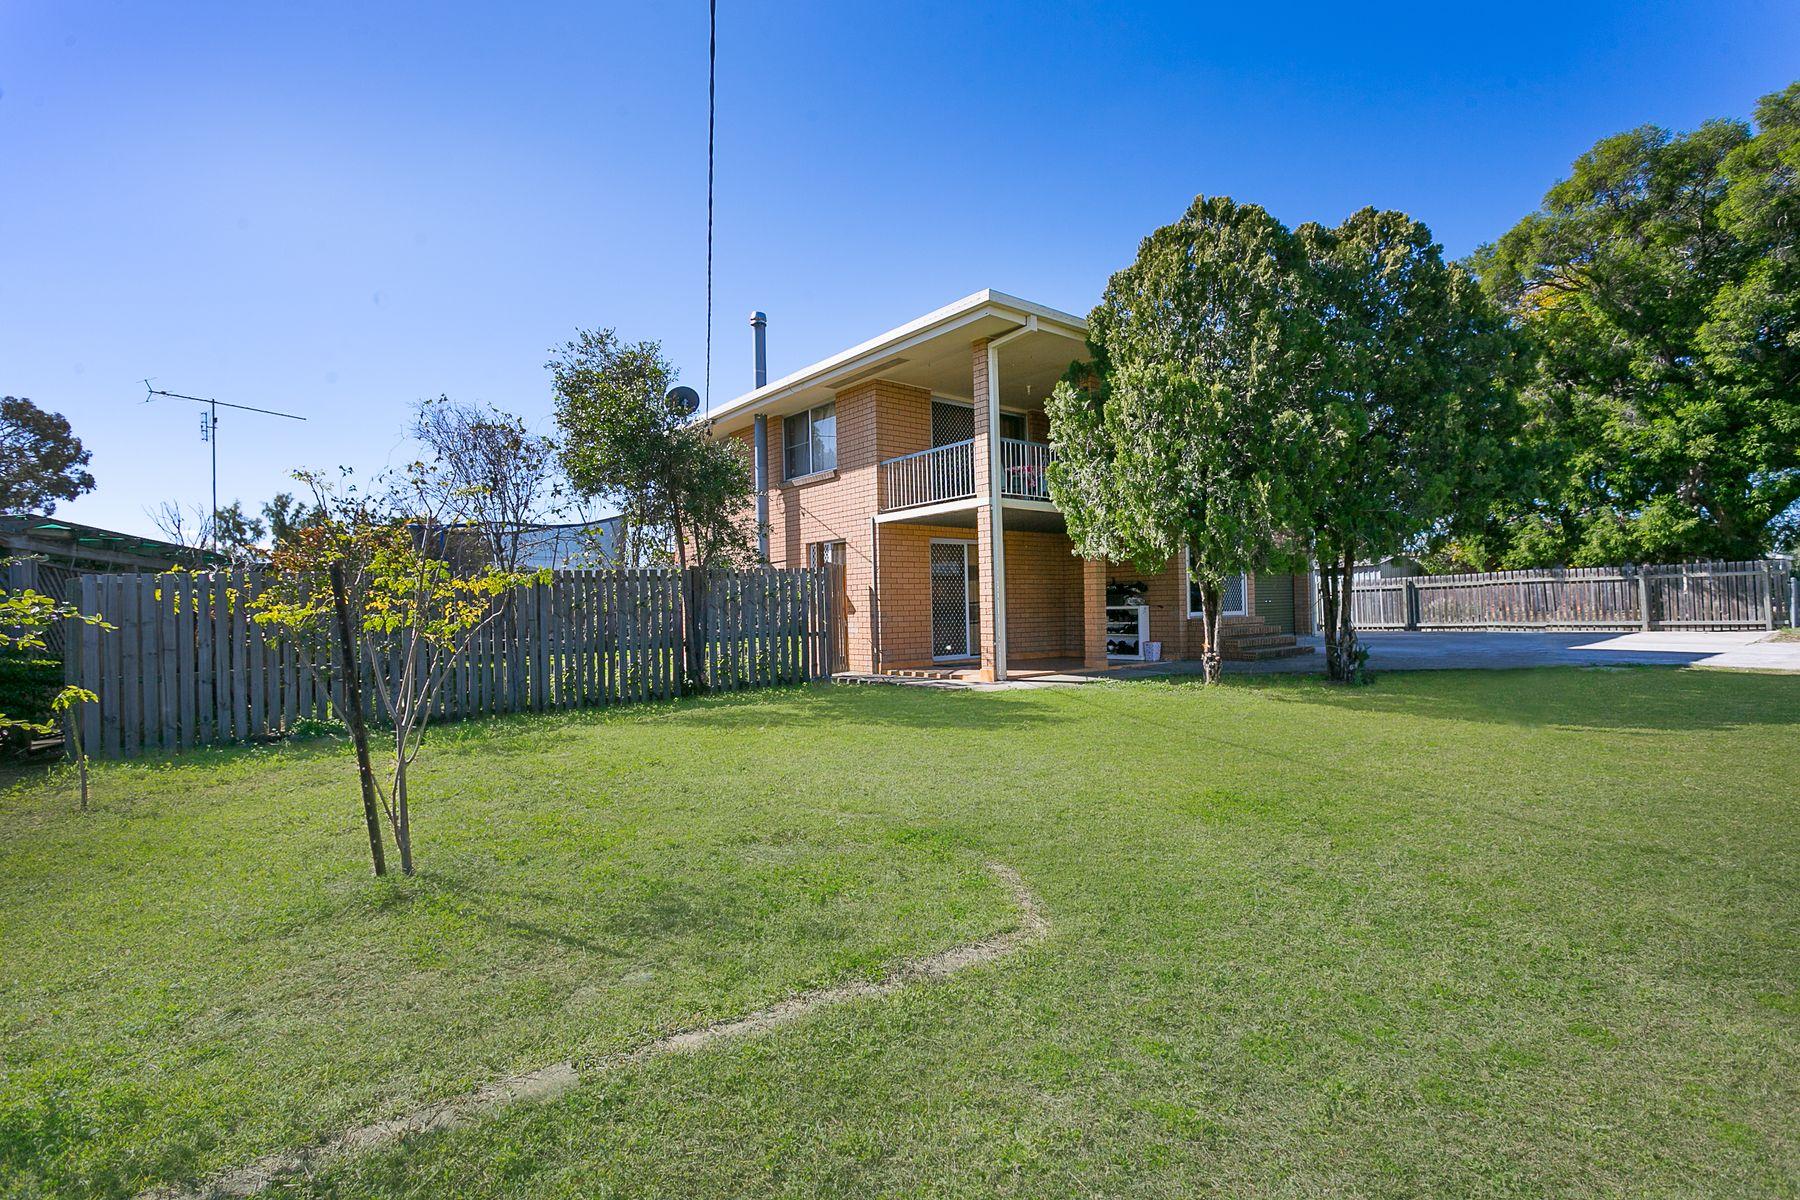 27 Crestview Avenue, Gatton, QLD 4343